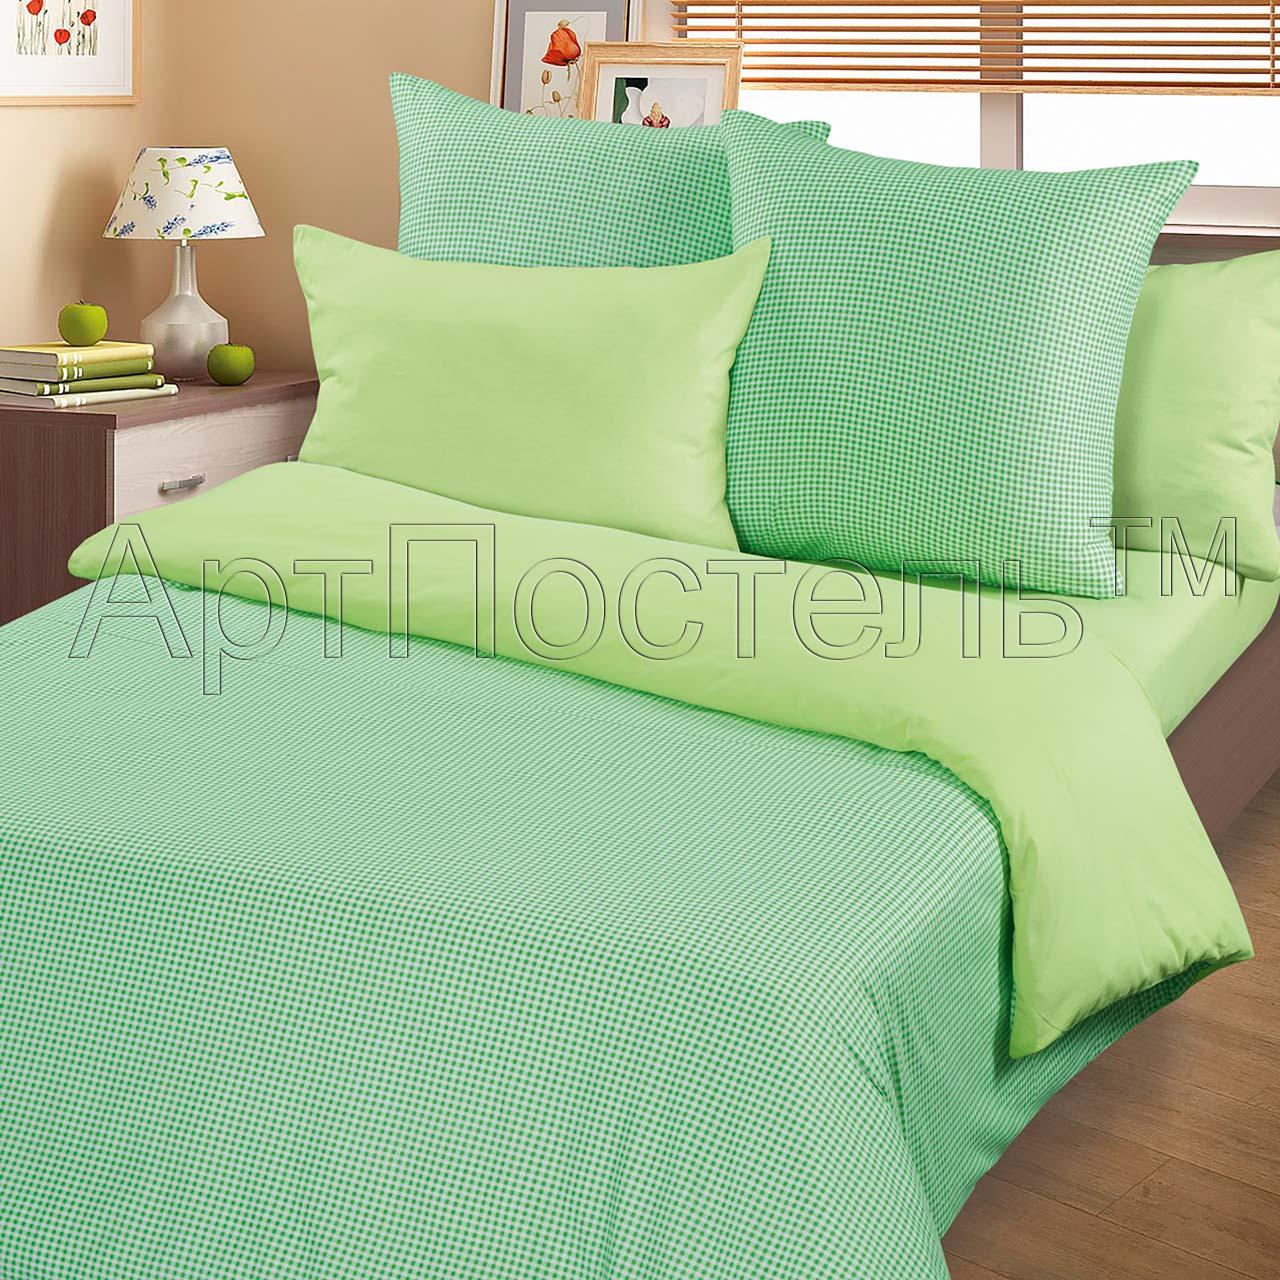 цена на Пододеяльник трикотажный на молнии iv36551 зеленый (1.5 спальный (145х215))